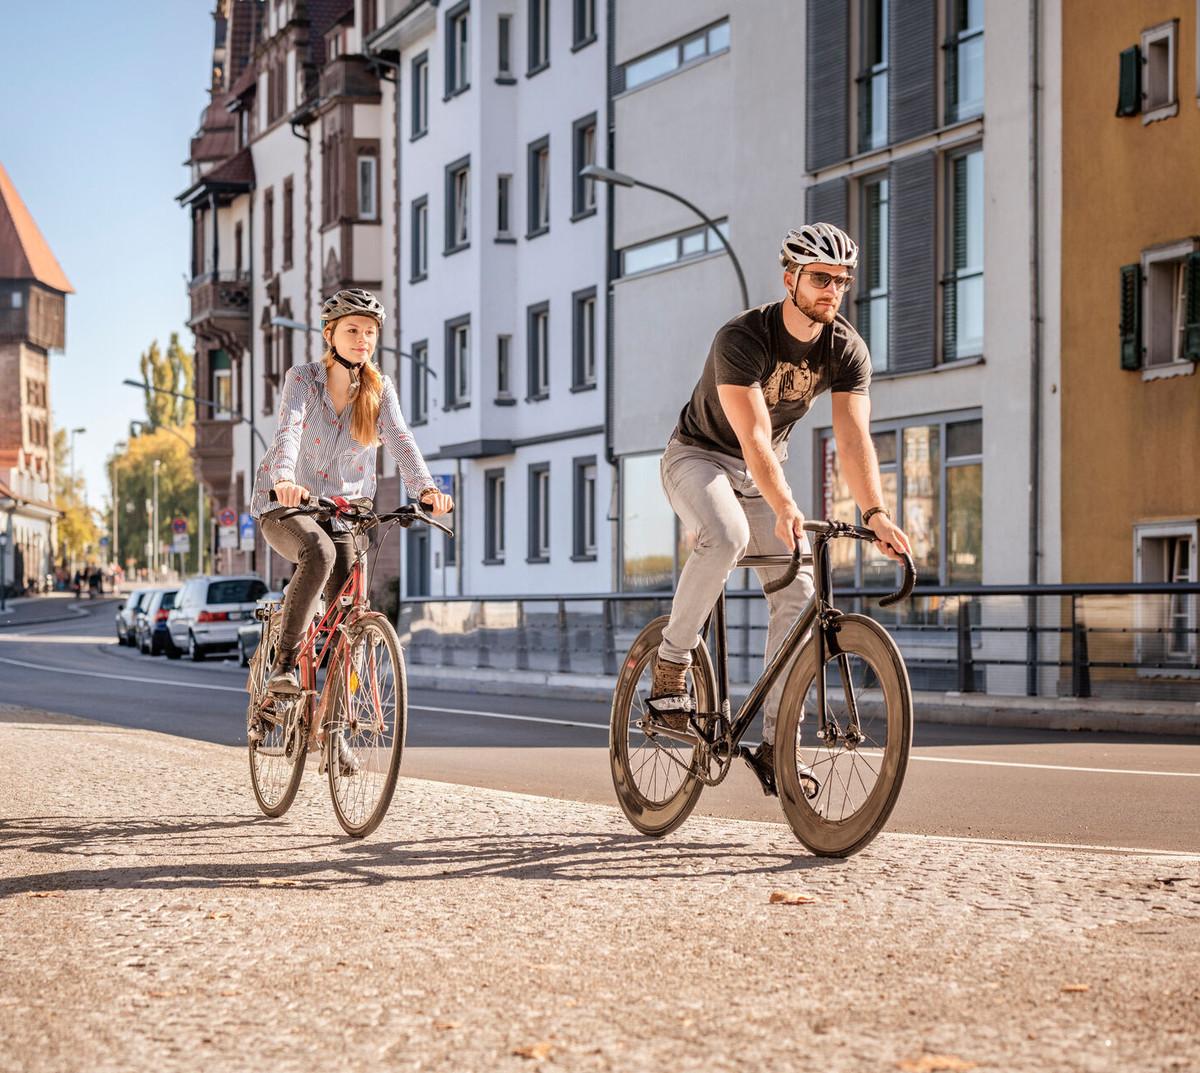 Konstanz-Rheinsteig-Rheintorturm-Fahrradtour-Freizeit-02_Herbst_Copyright_MTK-Dagmar-Schwelle